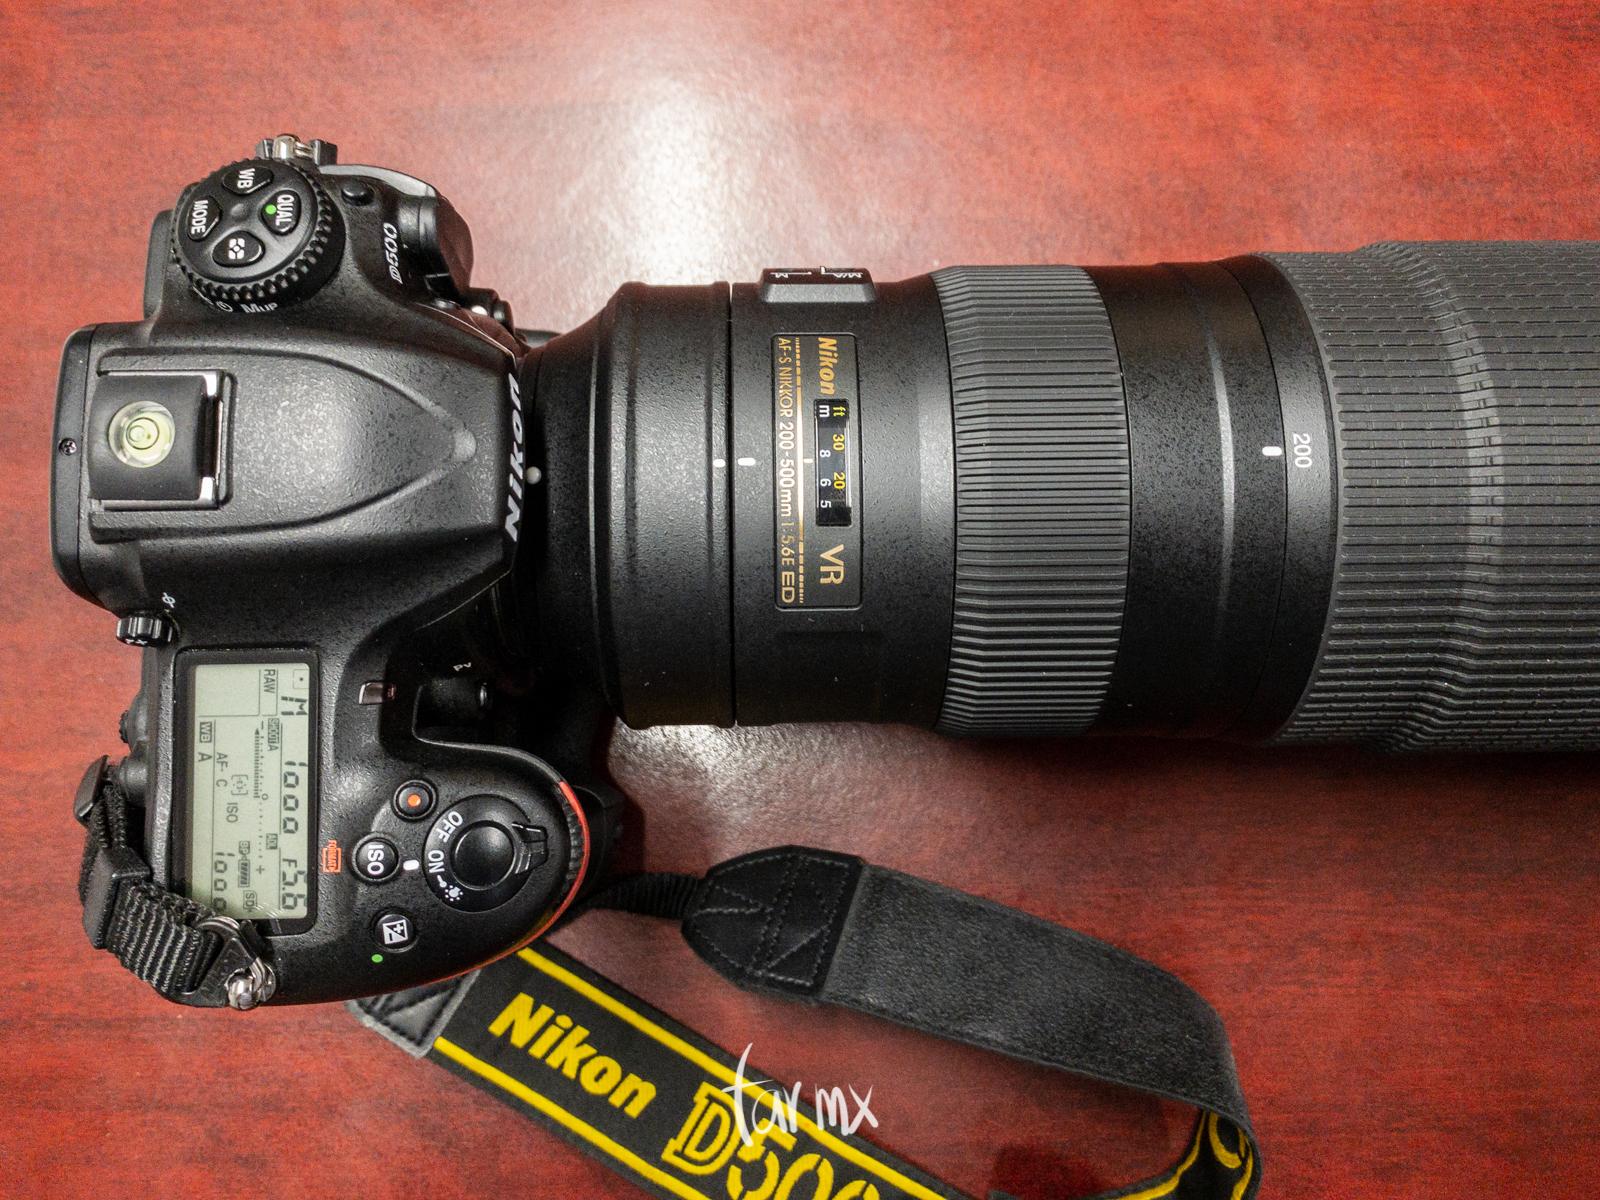 Nikon D500 + Nikkor 200-500mm f/5.6E ED VR